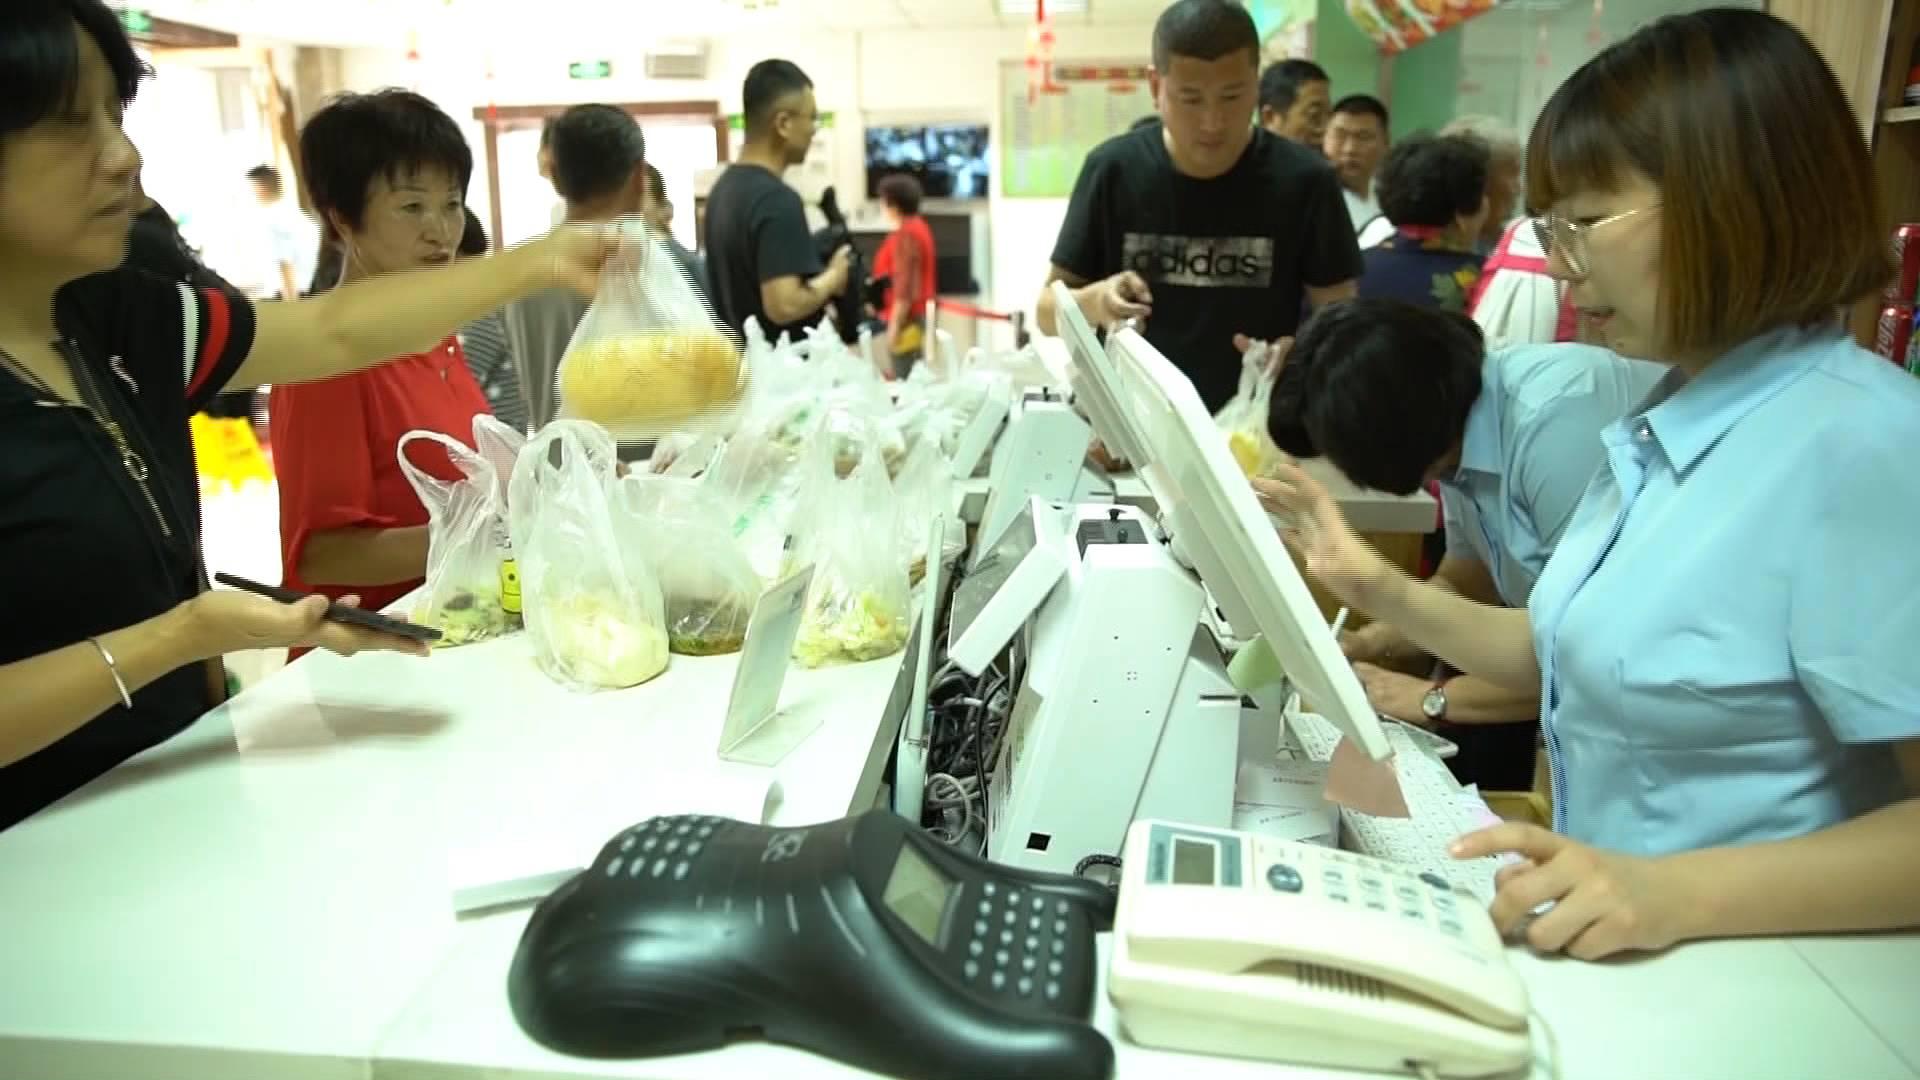 青岛这个社区大食堂有啥魅力 让很多外地人慕名前来体验观摩